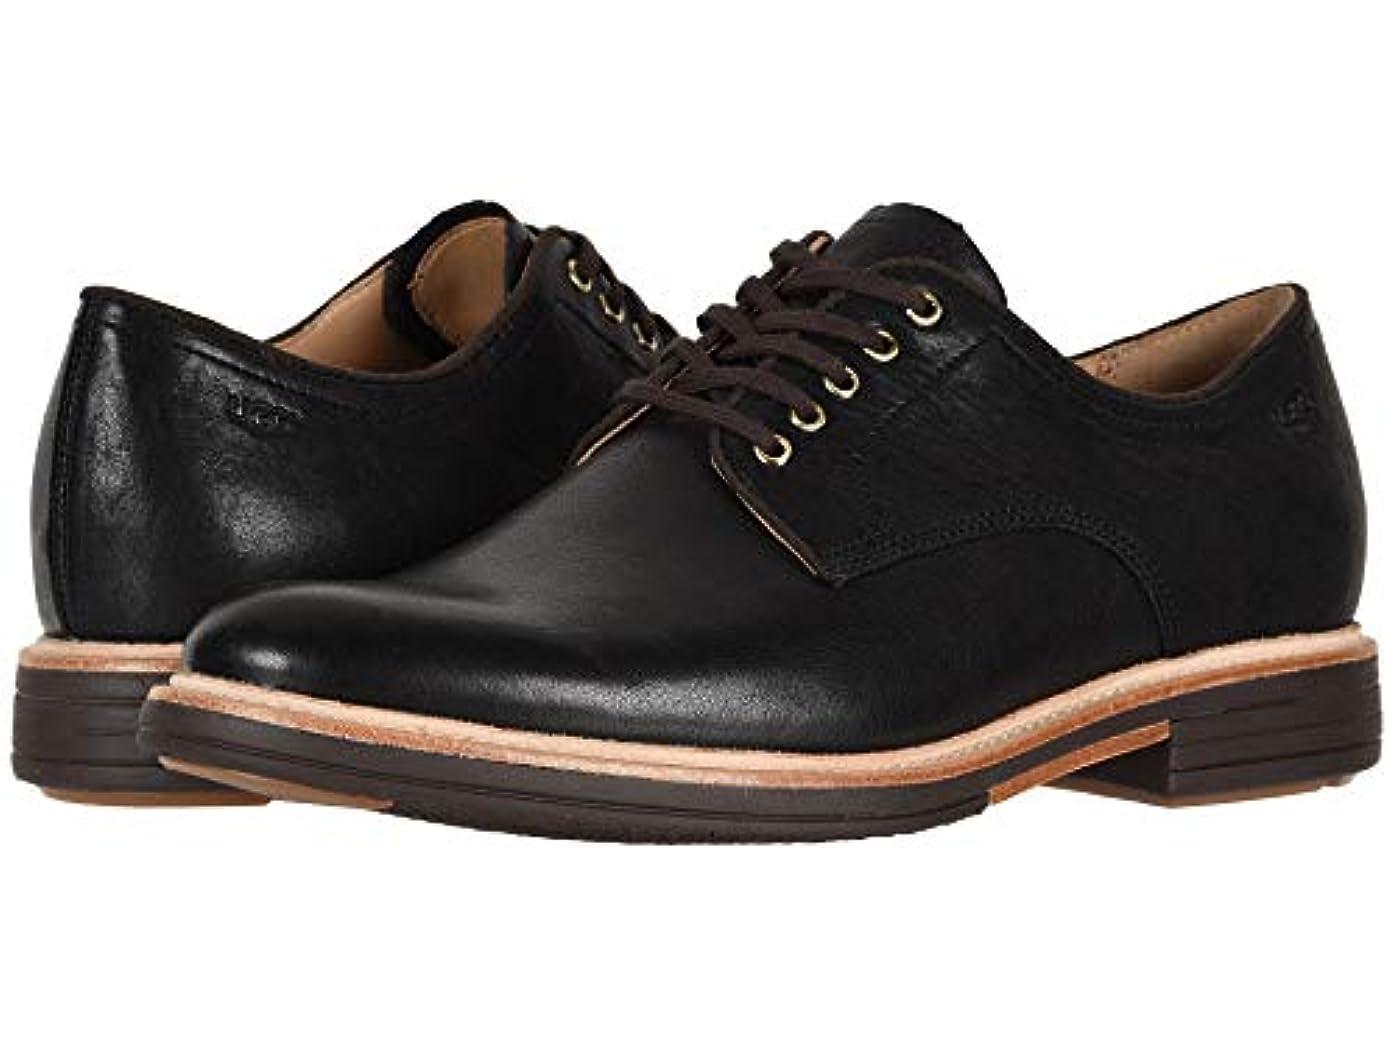 必要とするバンキリスト[UGG(アグ)] メンズオックスフォード?ビジネスシューズ?靴 Jovin Black 2 9.5 (27.5cm) D - Medium